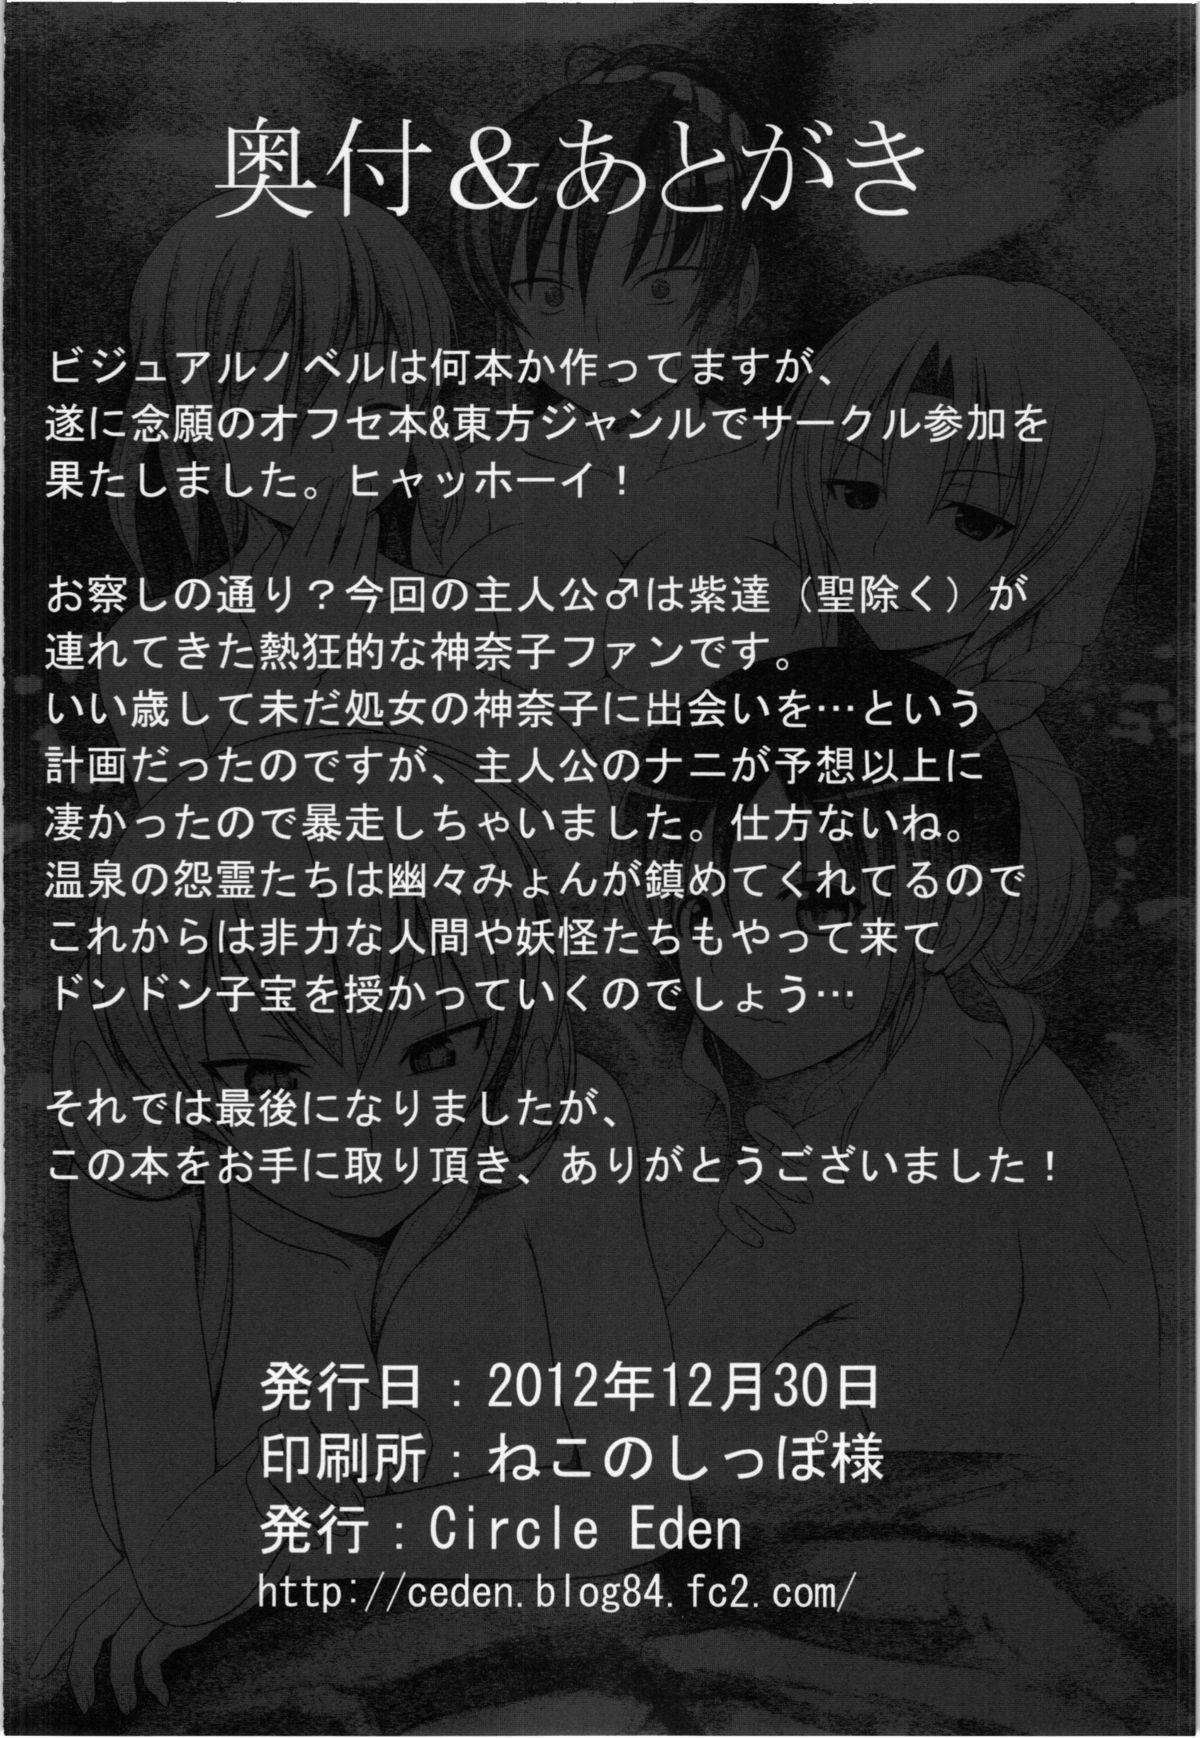 (C83) [Circle Eden (Diisuke)] Onsen de Boin-Boin Aneki-tachi ni Bokki wo Misetsukeru Hon (Touhou Project) [English] {desudesu} 25